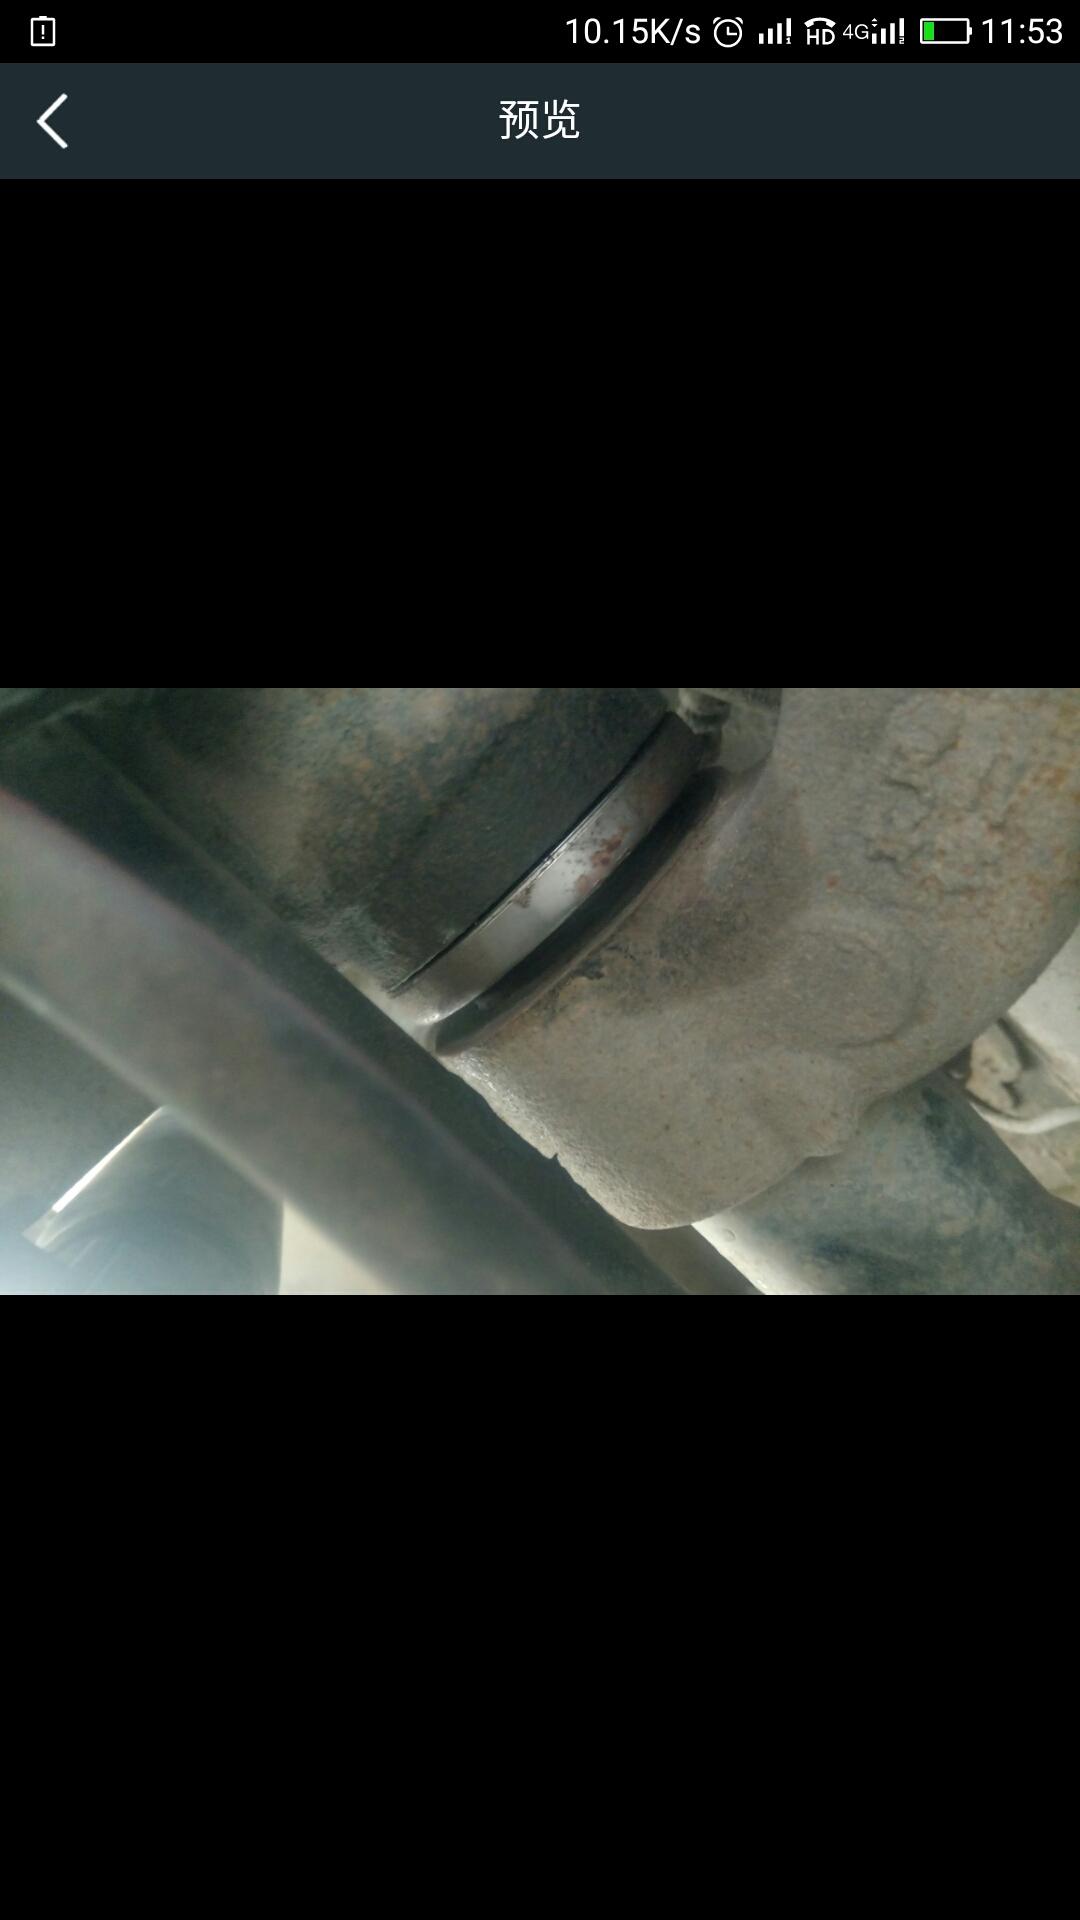 東風標致-標致207 后橋設計缺陷,導致磨輪胎